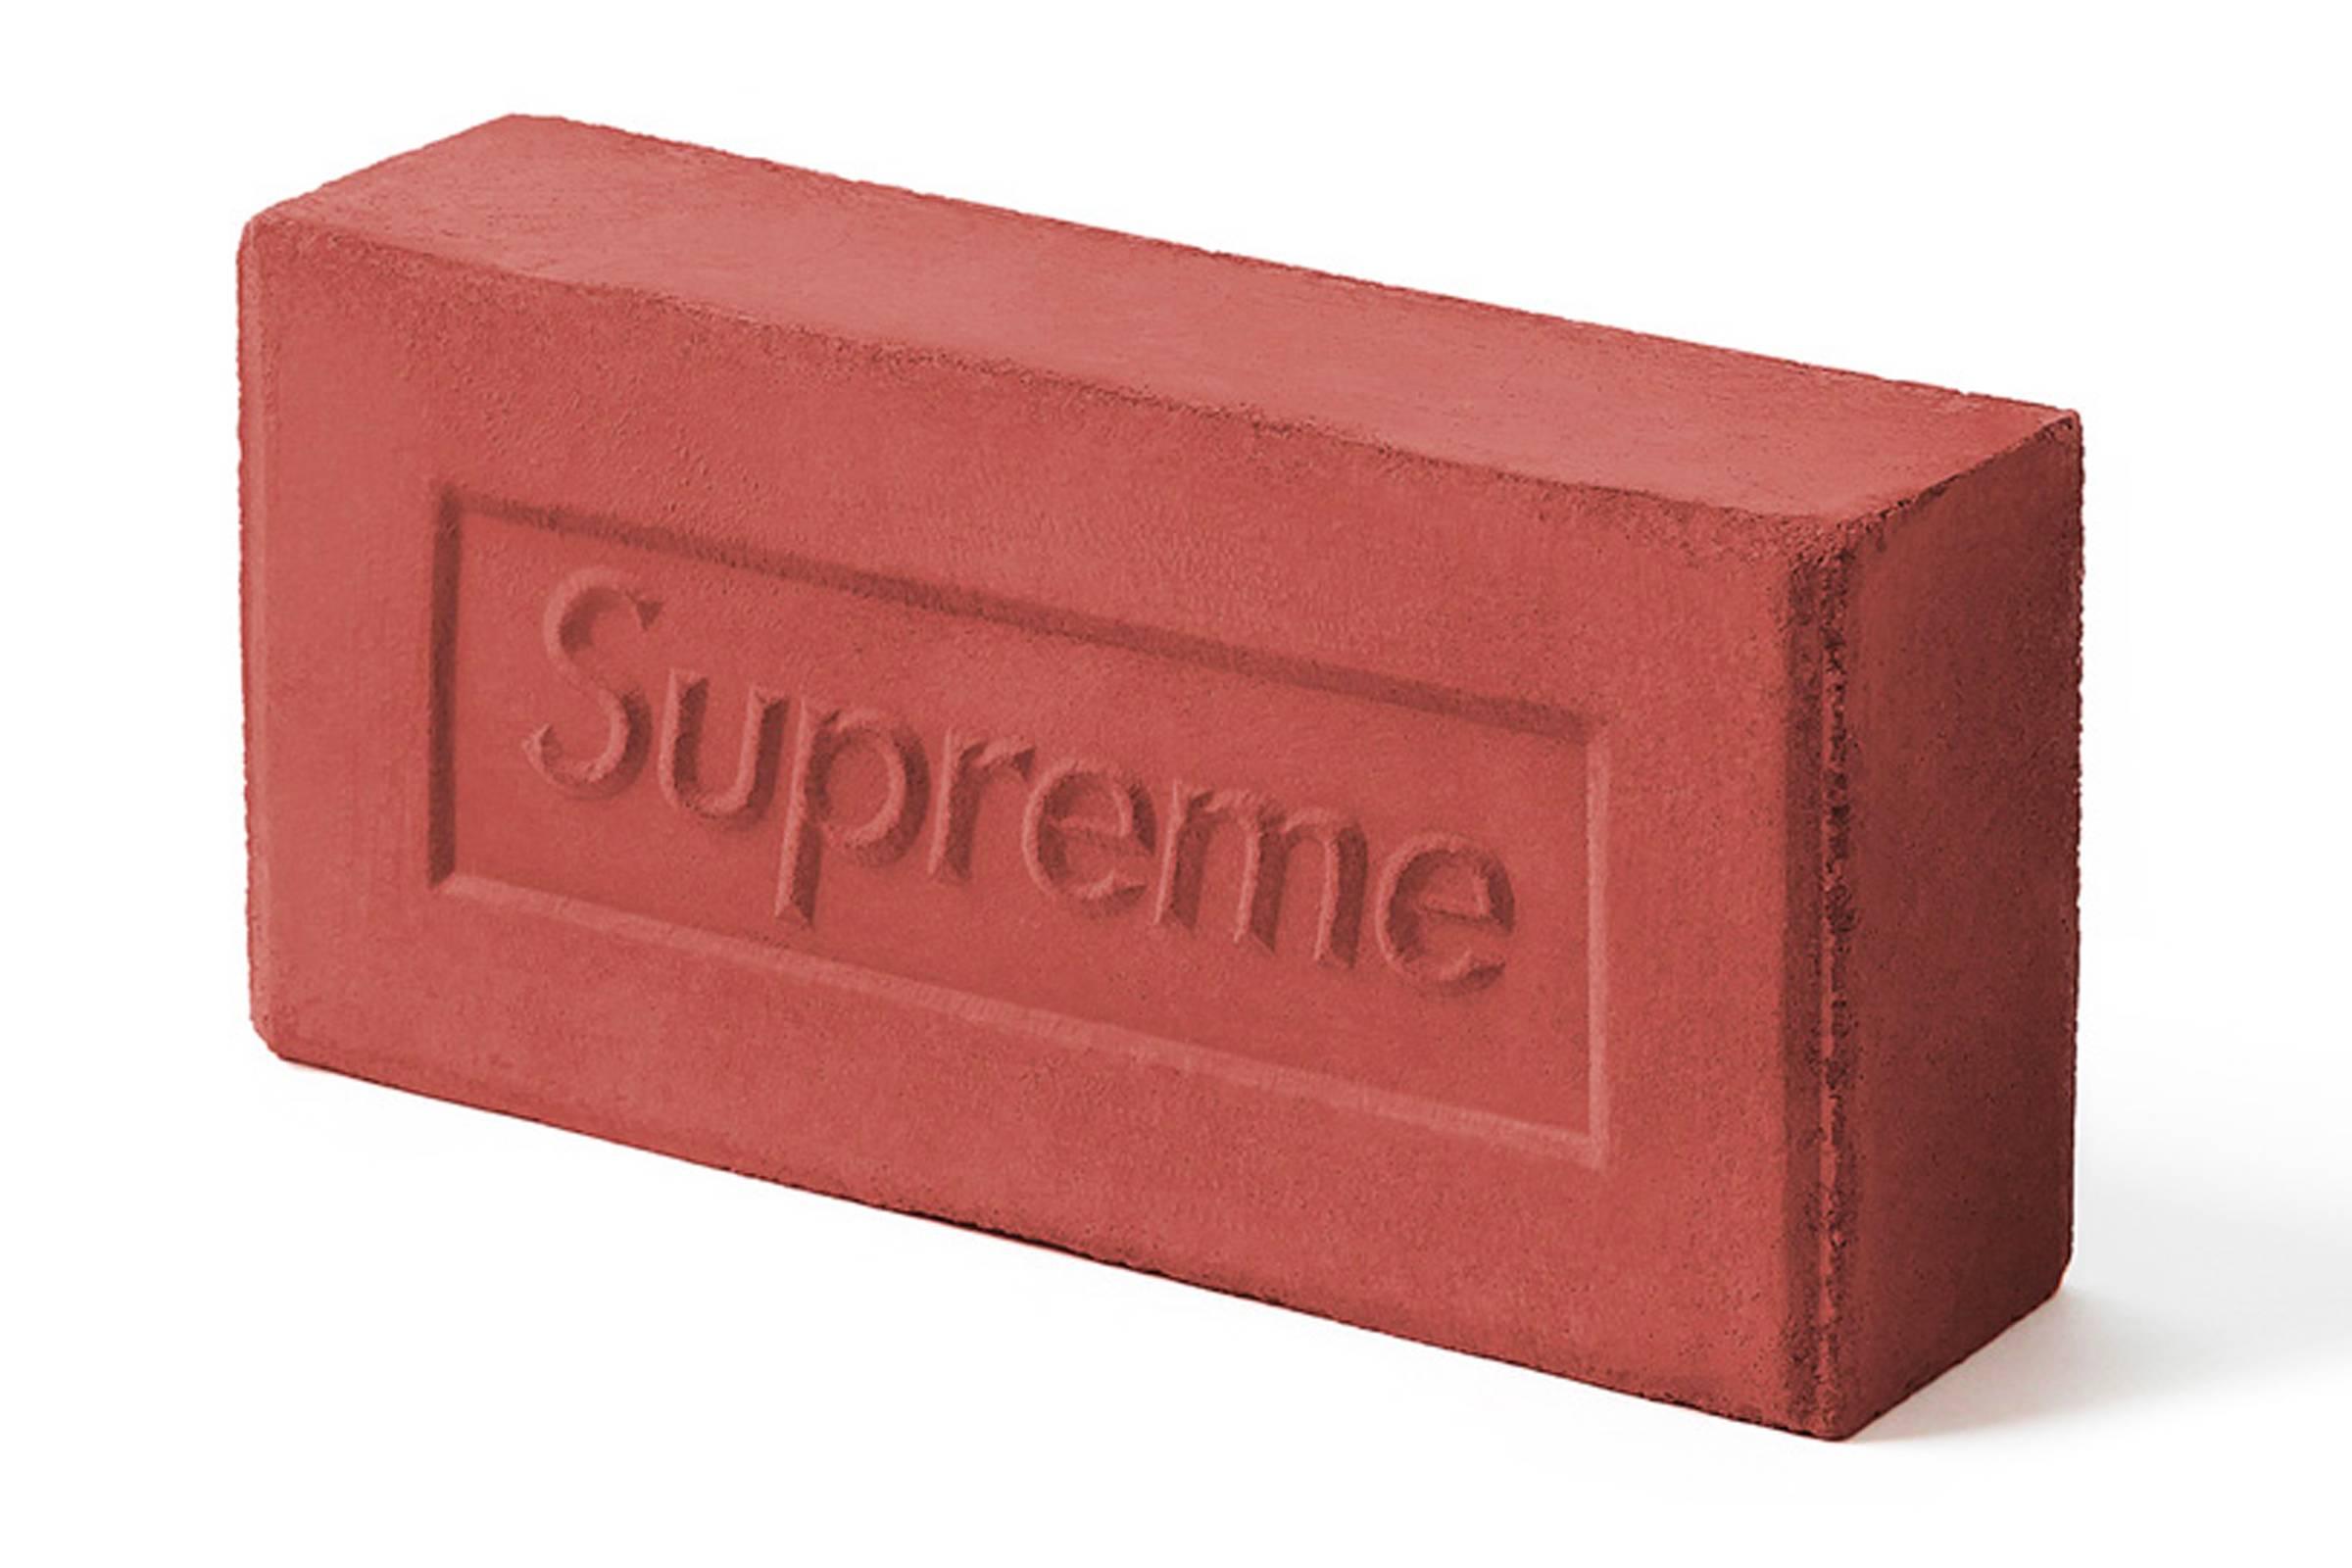 Supreme Brick (Fall/Winter 2016)